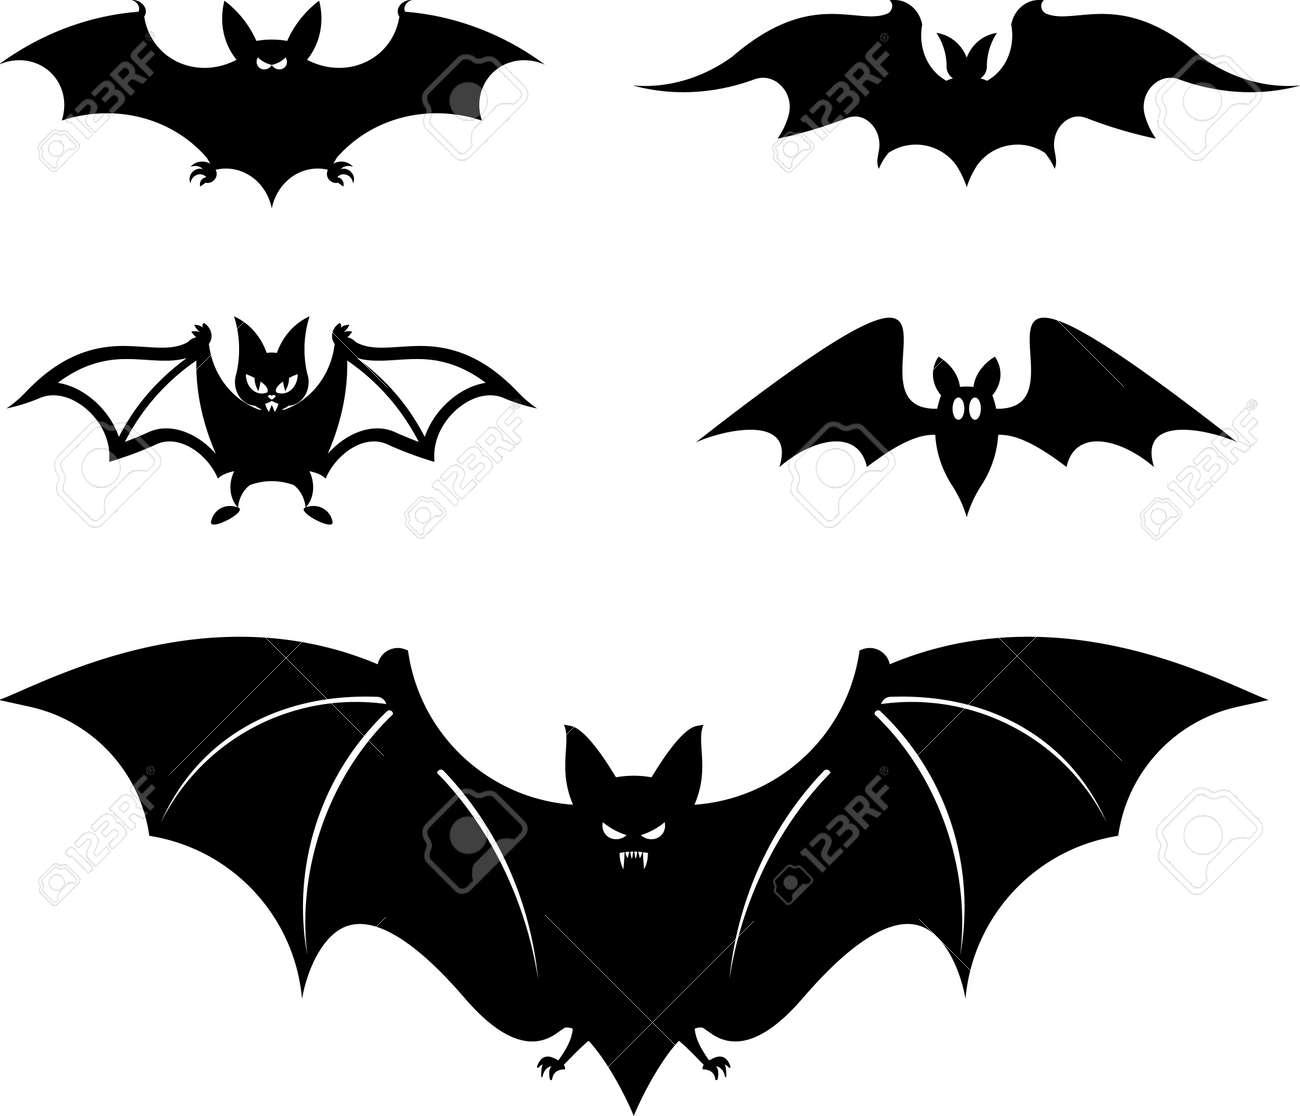 Cartoon style bats – Vector illustration - 9667605